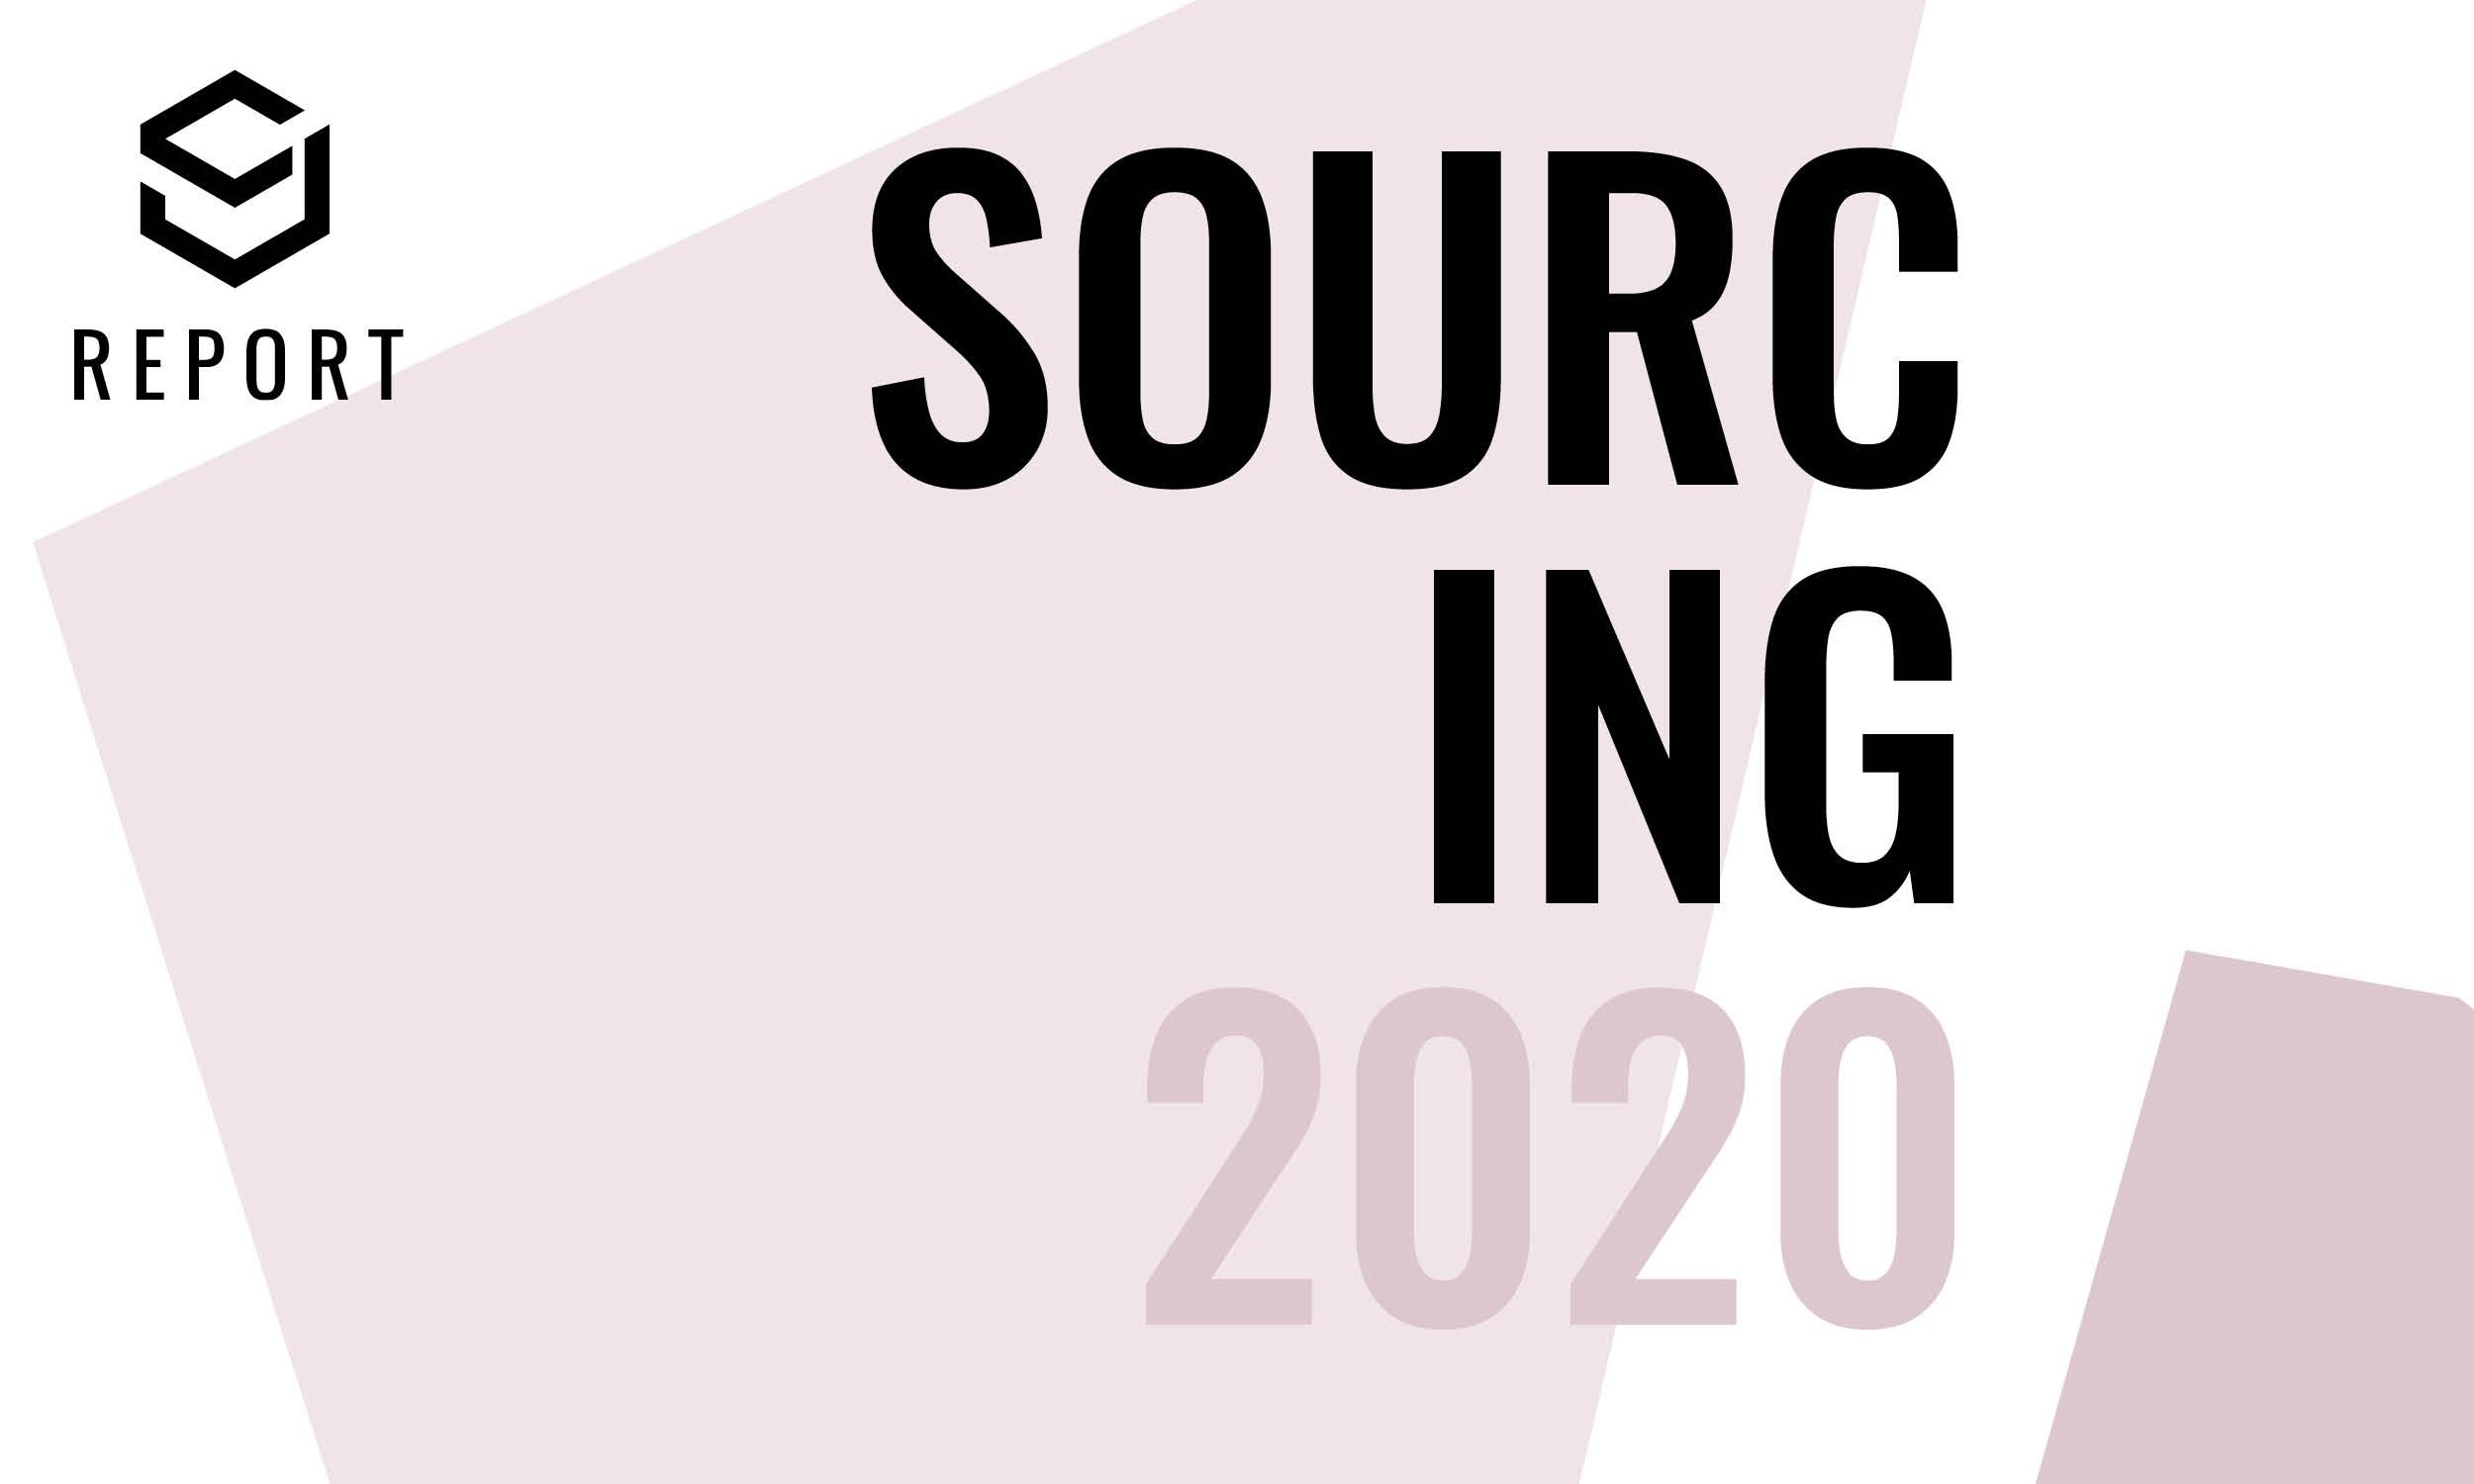 Sourcing 2020 report